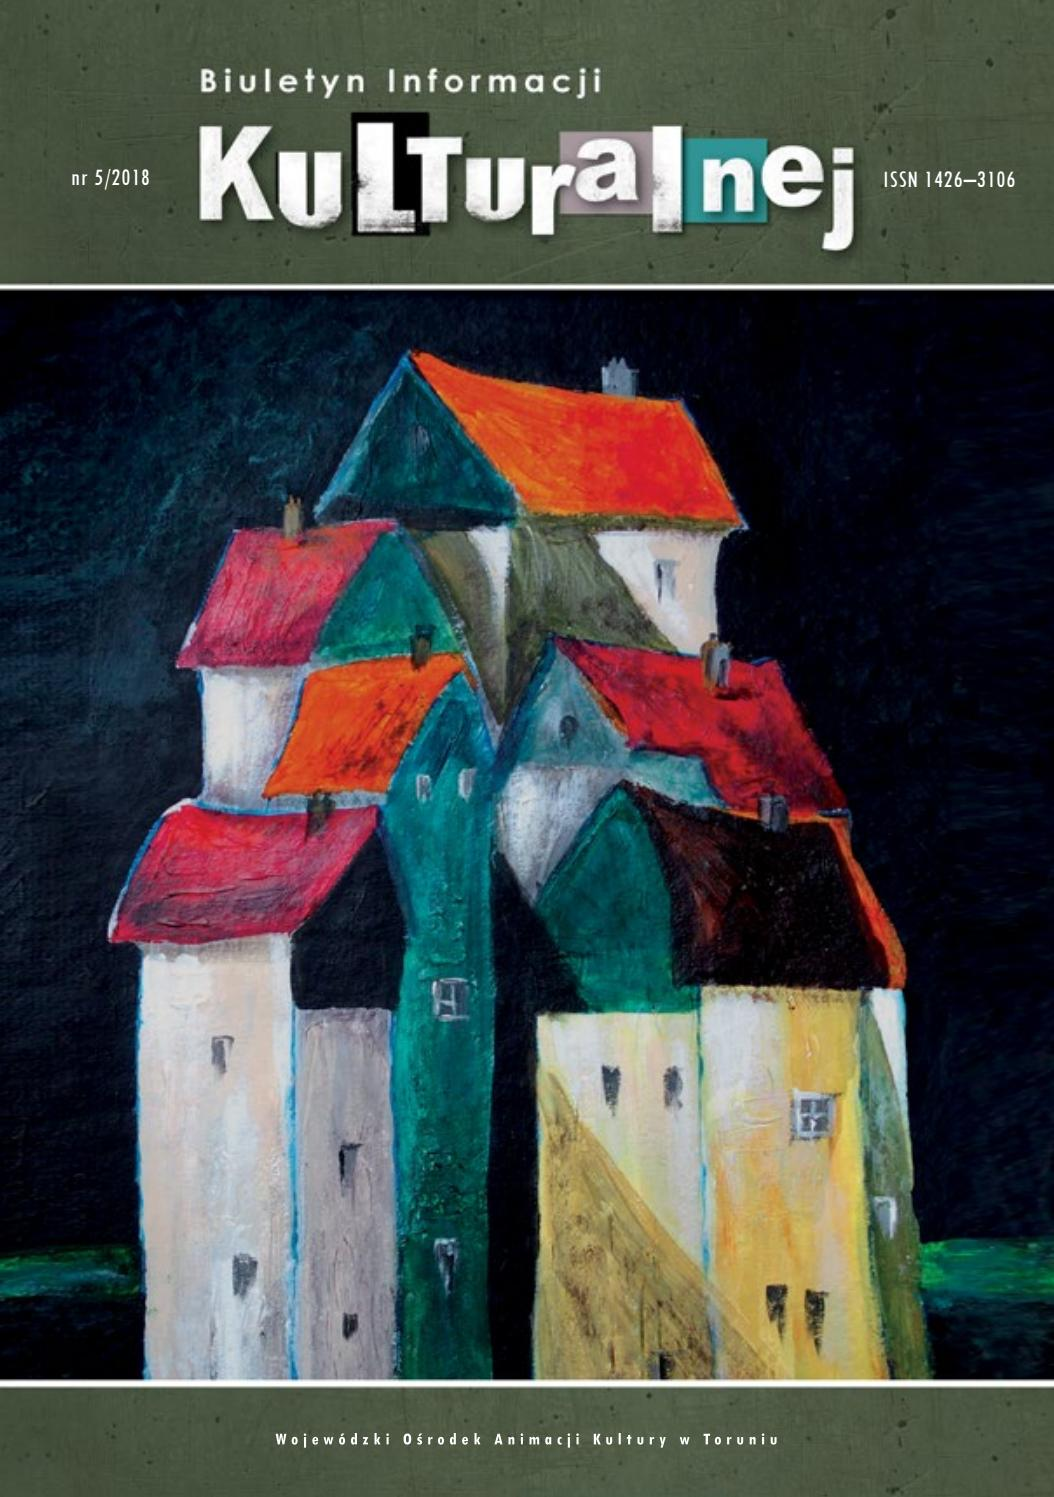 Biuletyn Informacji Kulturalnej Nr 052018 By Wojewódzki